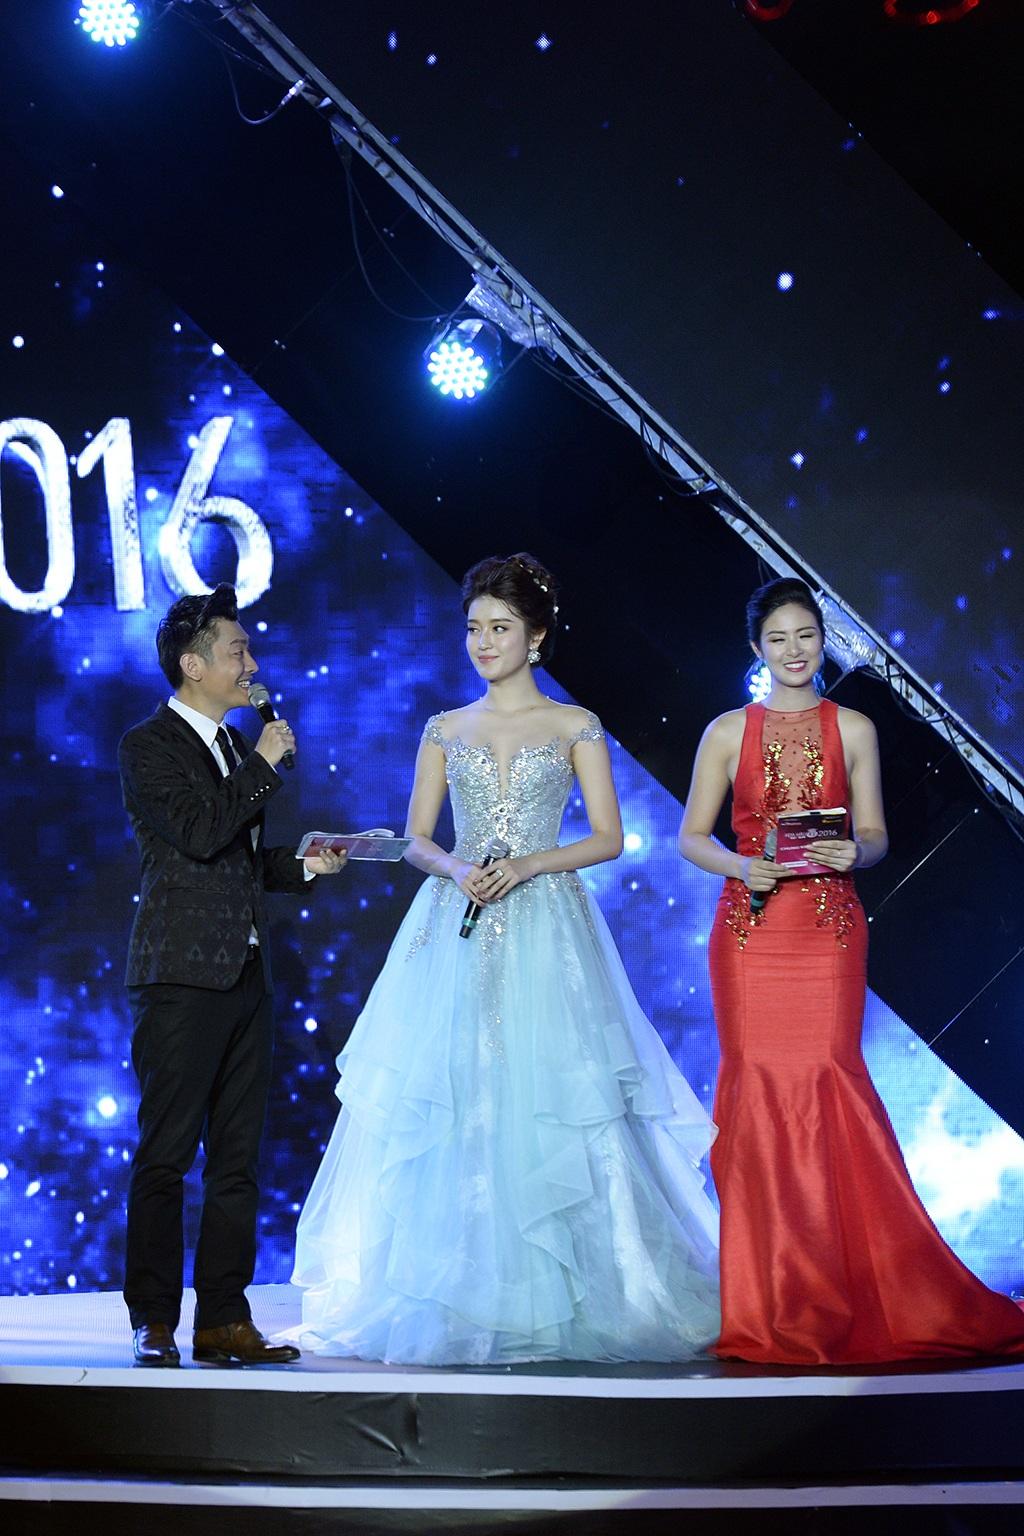 Á hậu Huyền My được mời lên sân khấu giao lưu với khán giả trong lúc chờ đợi kết quả từ BGK.